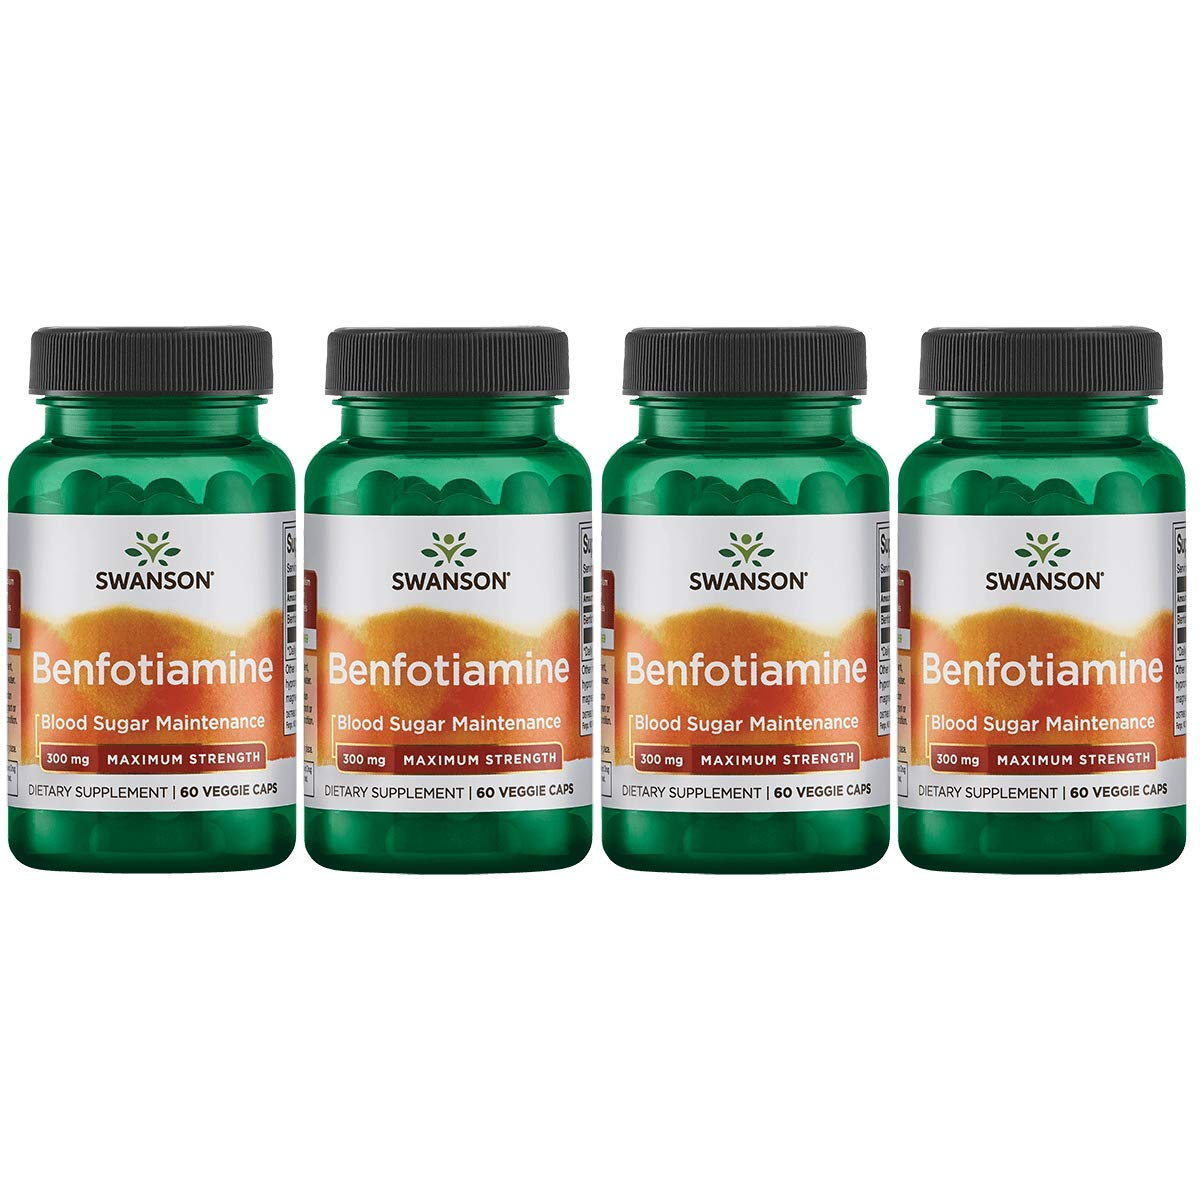 Swanson Benfotiamine - Maximum Strength 300 mg 60 Veg Caps 4 Pack by Swanson